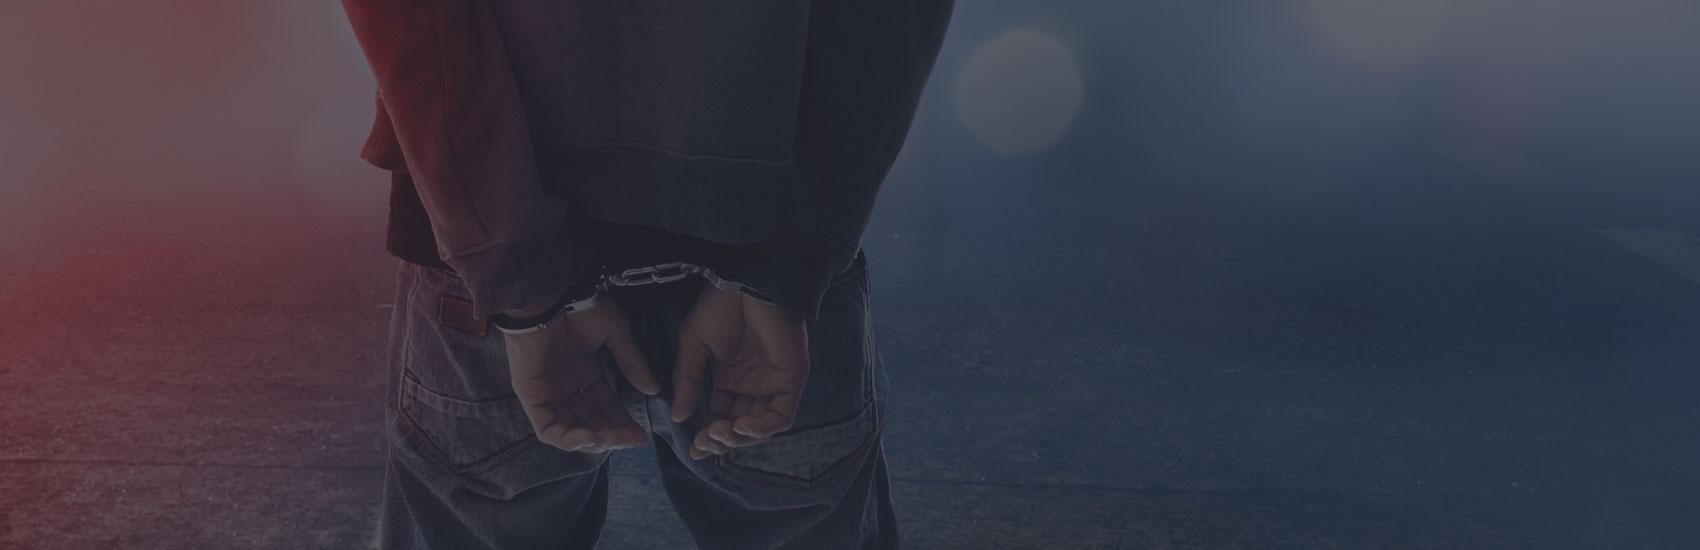 Arrêté avec plus de 30grammes de cocaïne